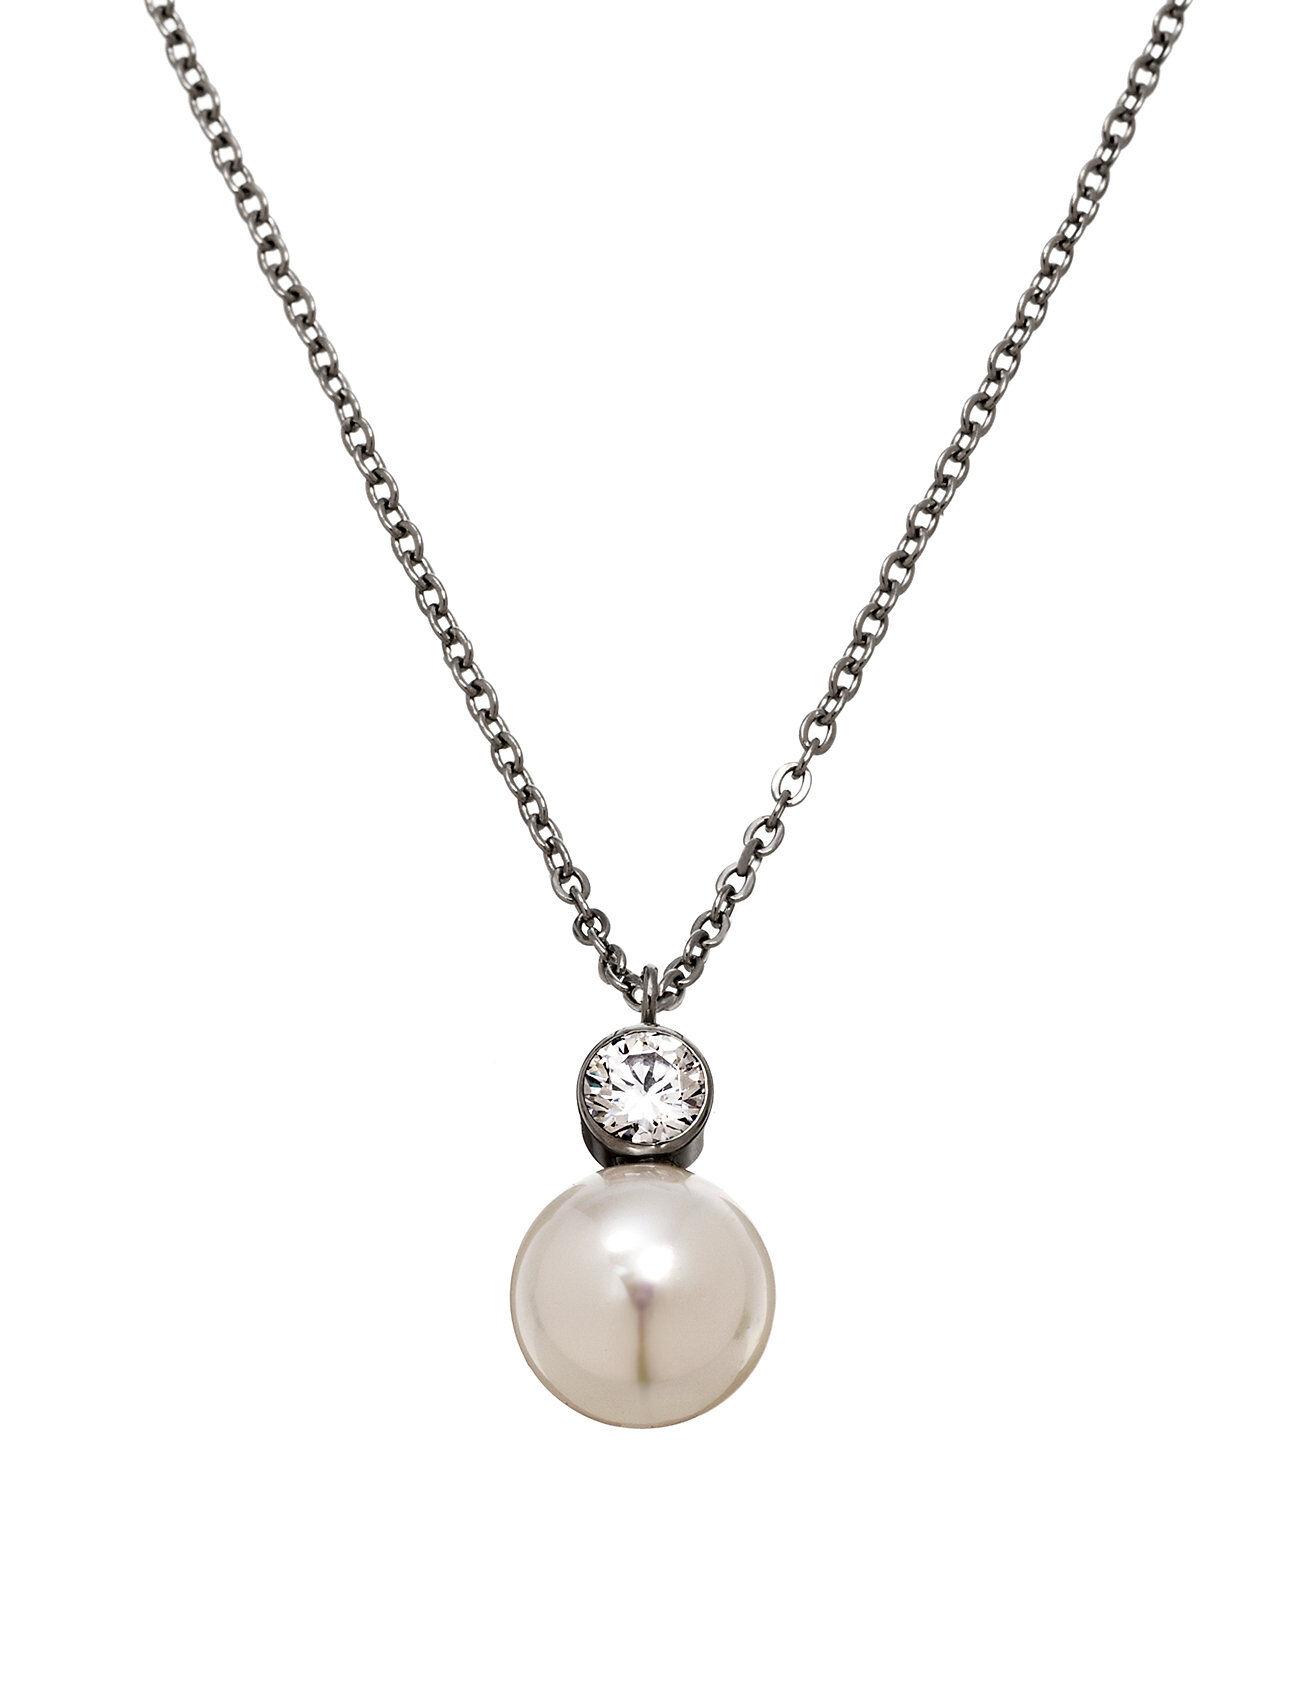 Edblad Luna Necklace Steel Accessories Jewellery Necklaces Dainty Necklaces Hopea Edblad